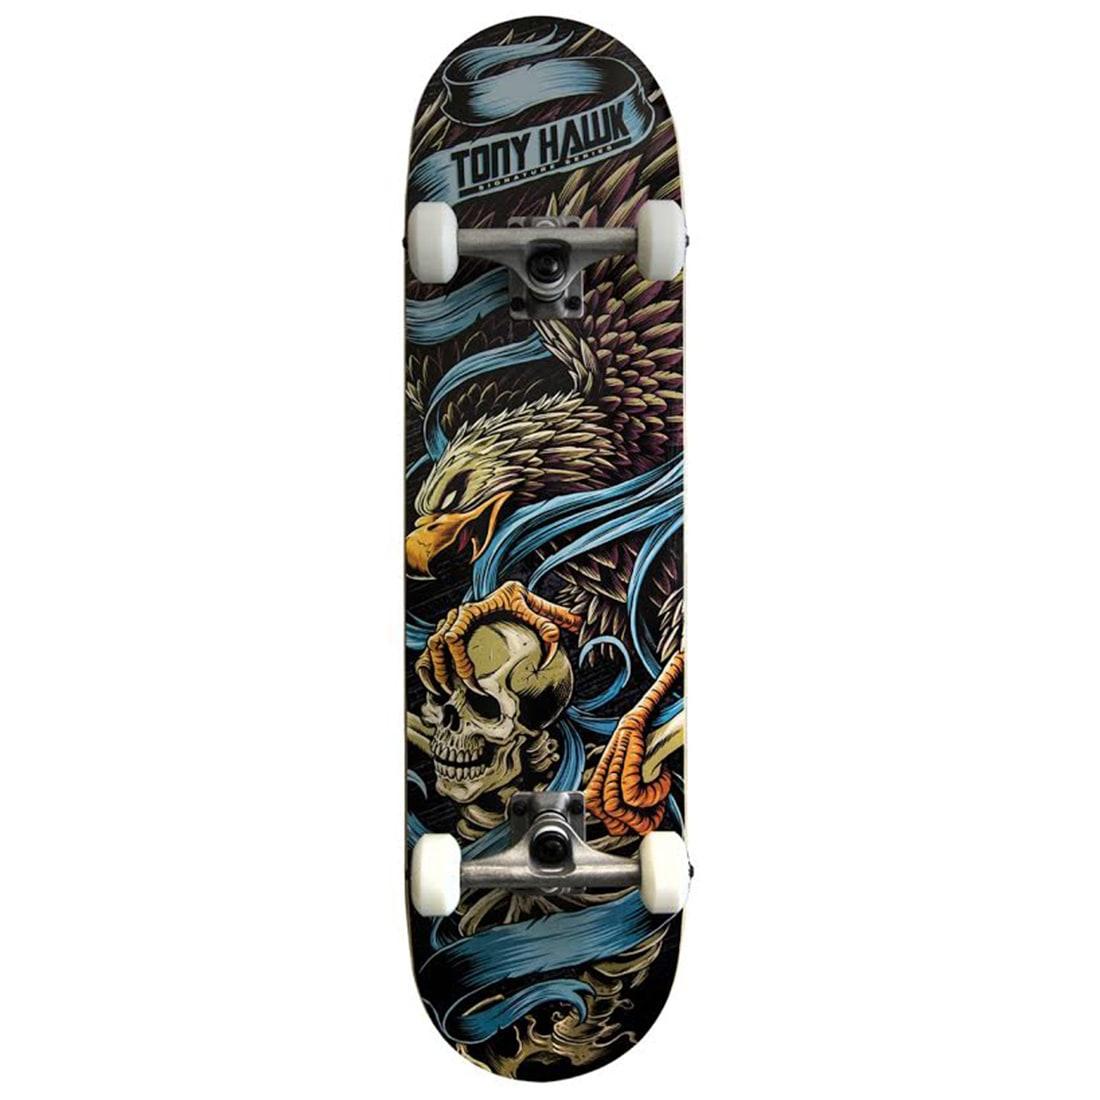 1100x1100 Tony Hawk Signature Series Tony Hawk Skateboard Hawk Board